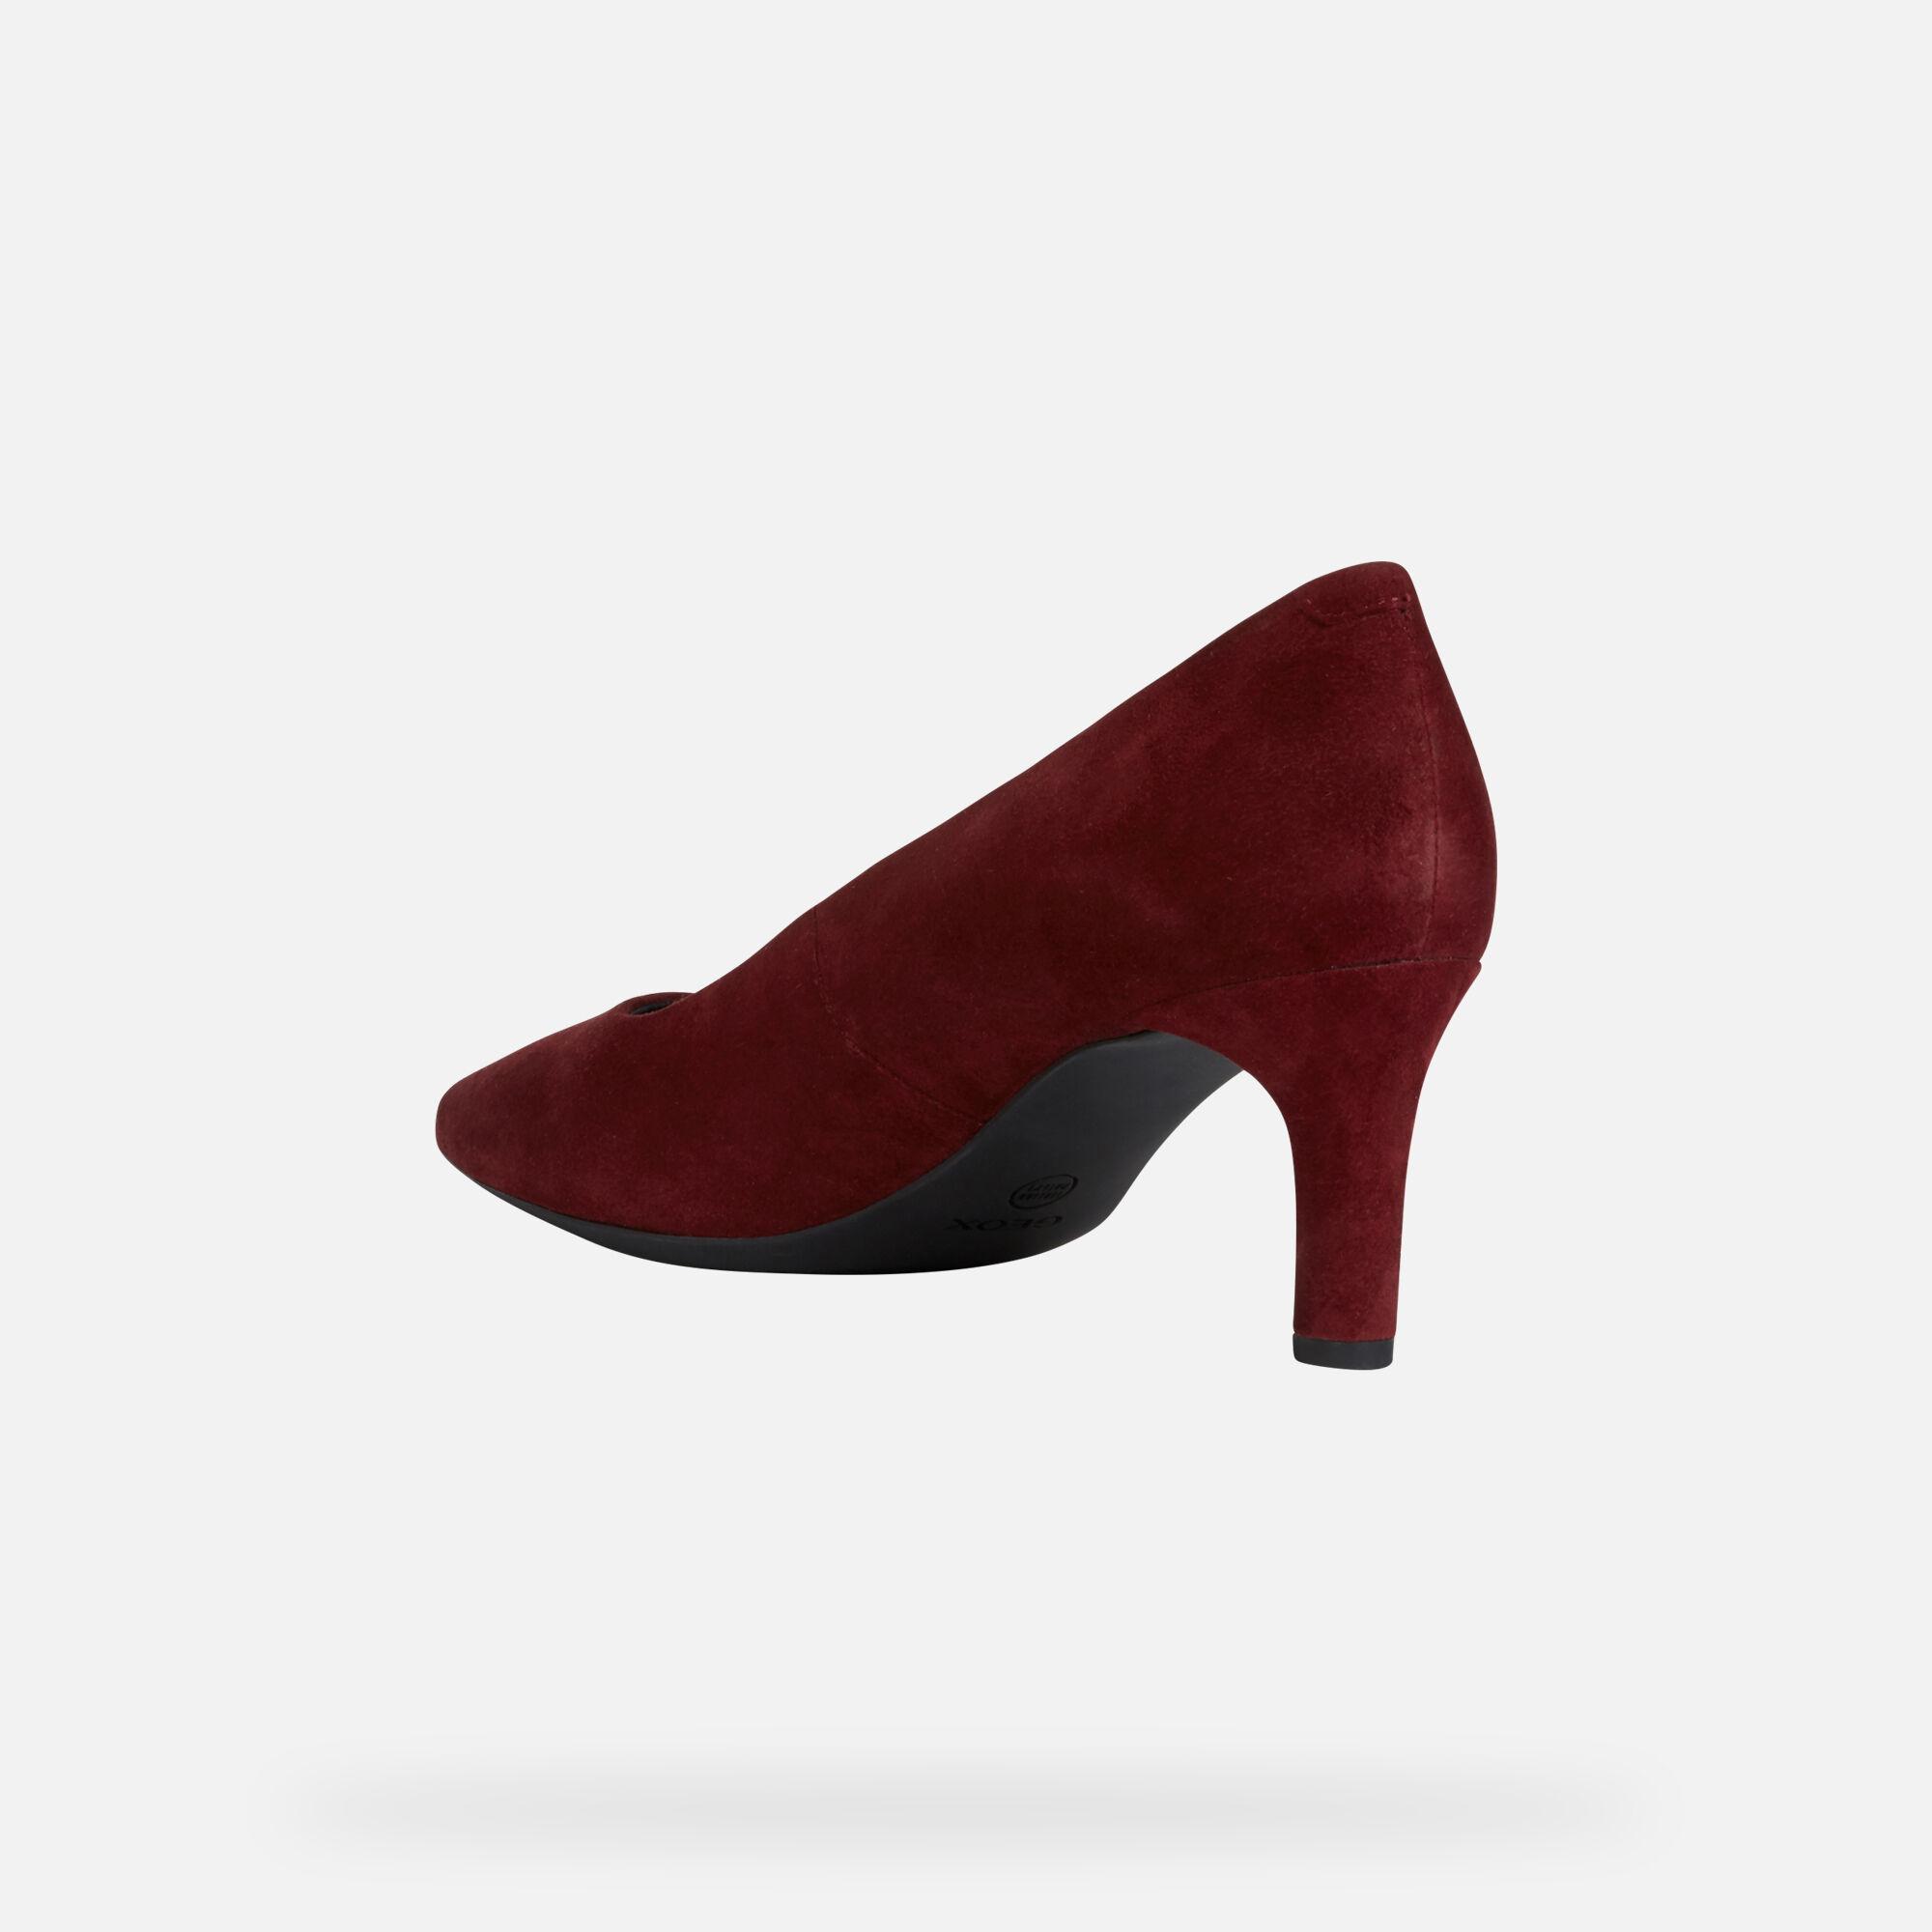 Geox BIBBIANA Femme Chaussures Bordeaux   Geox Boutique en ligne